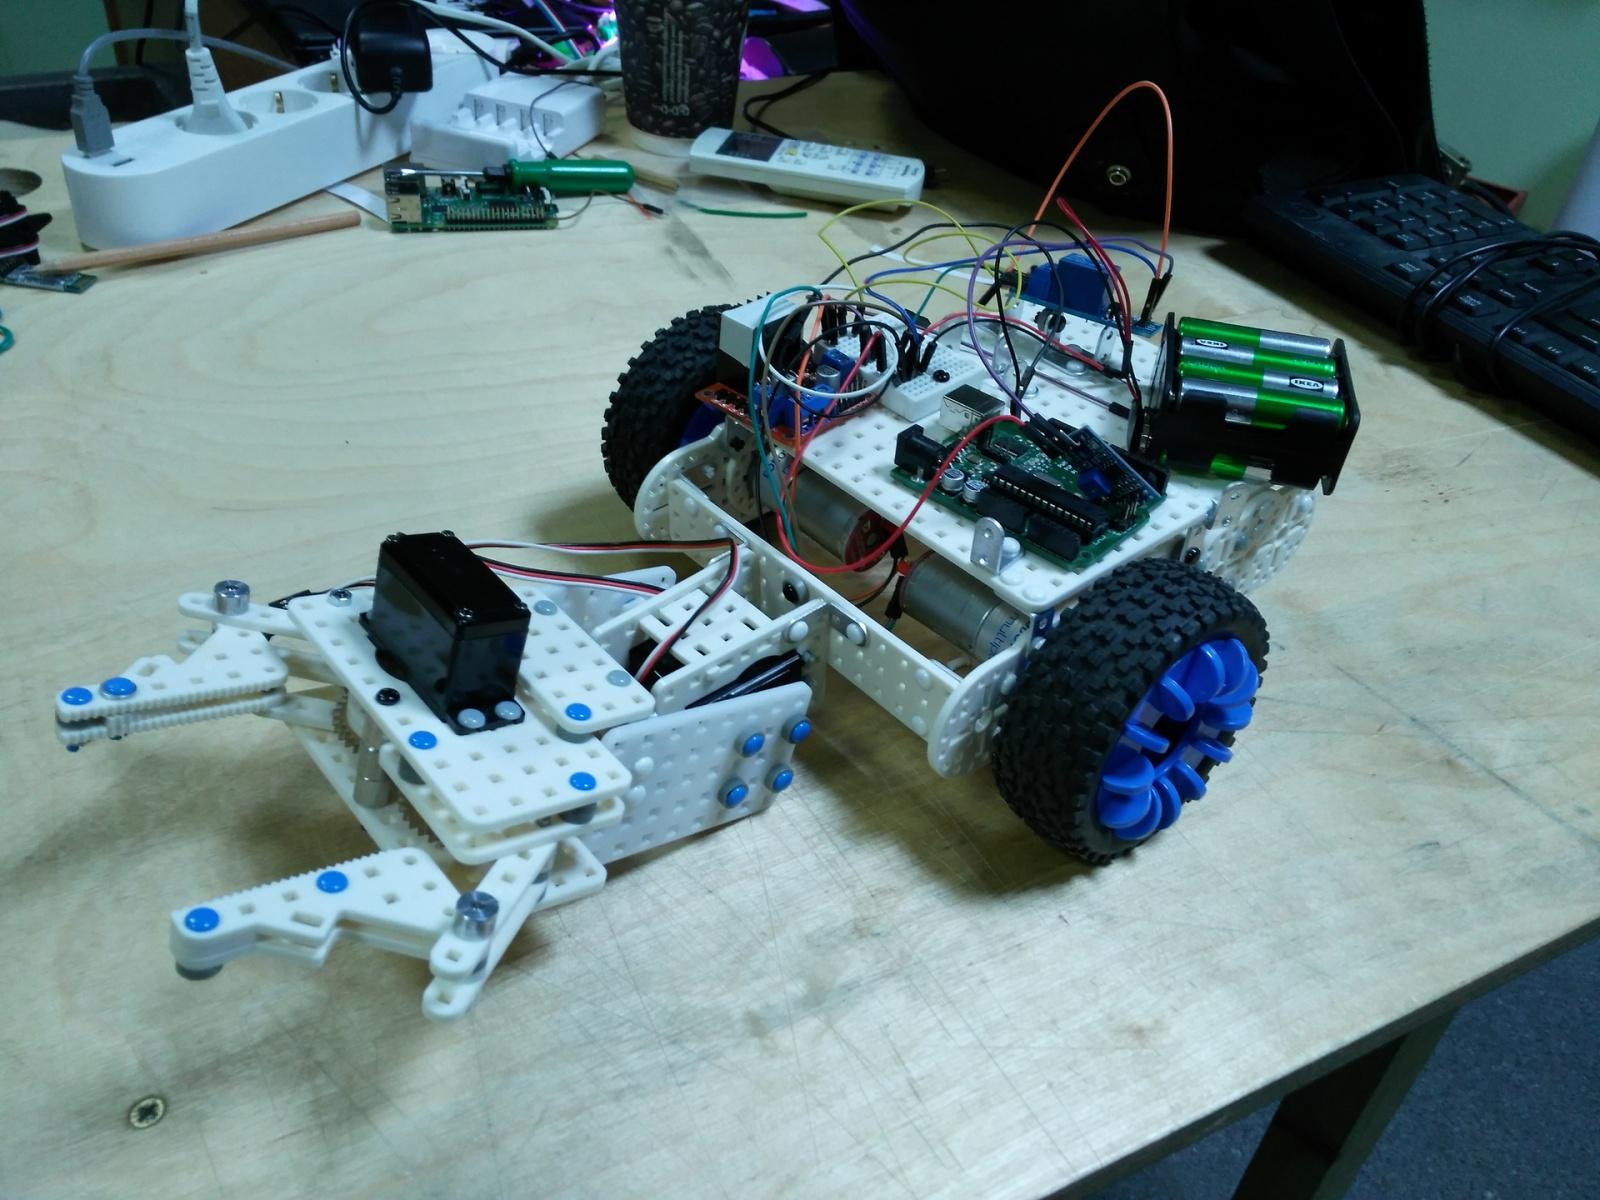 Раздаем железки для организации детских кружков робототехники - 3